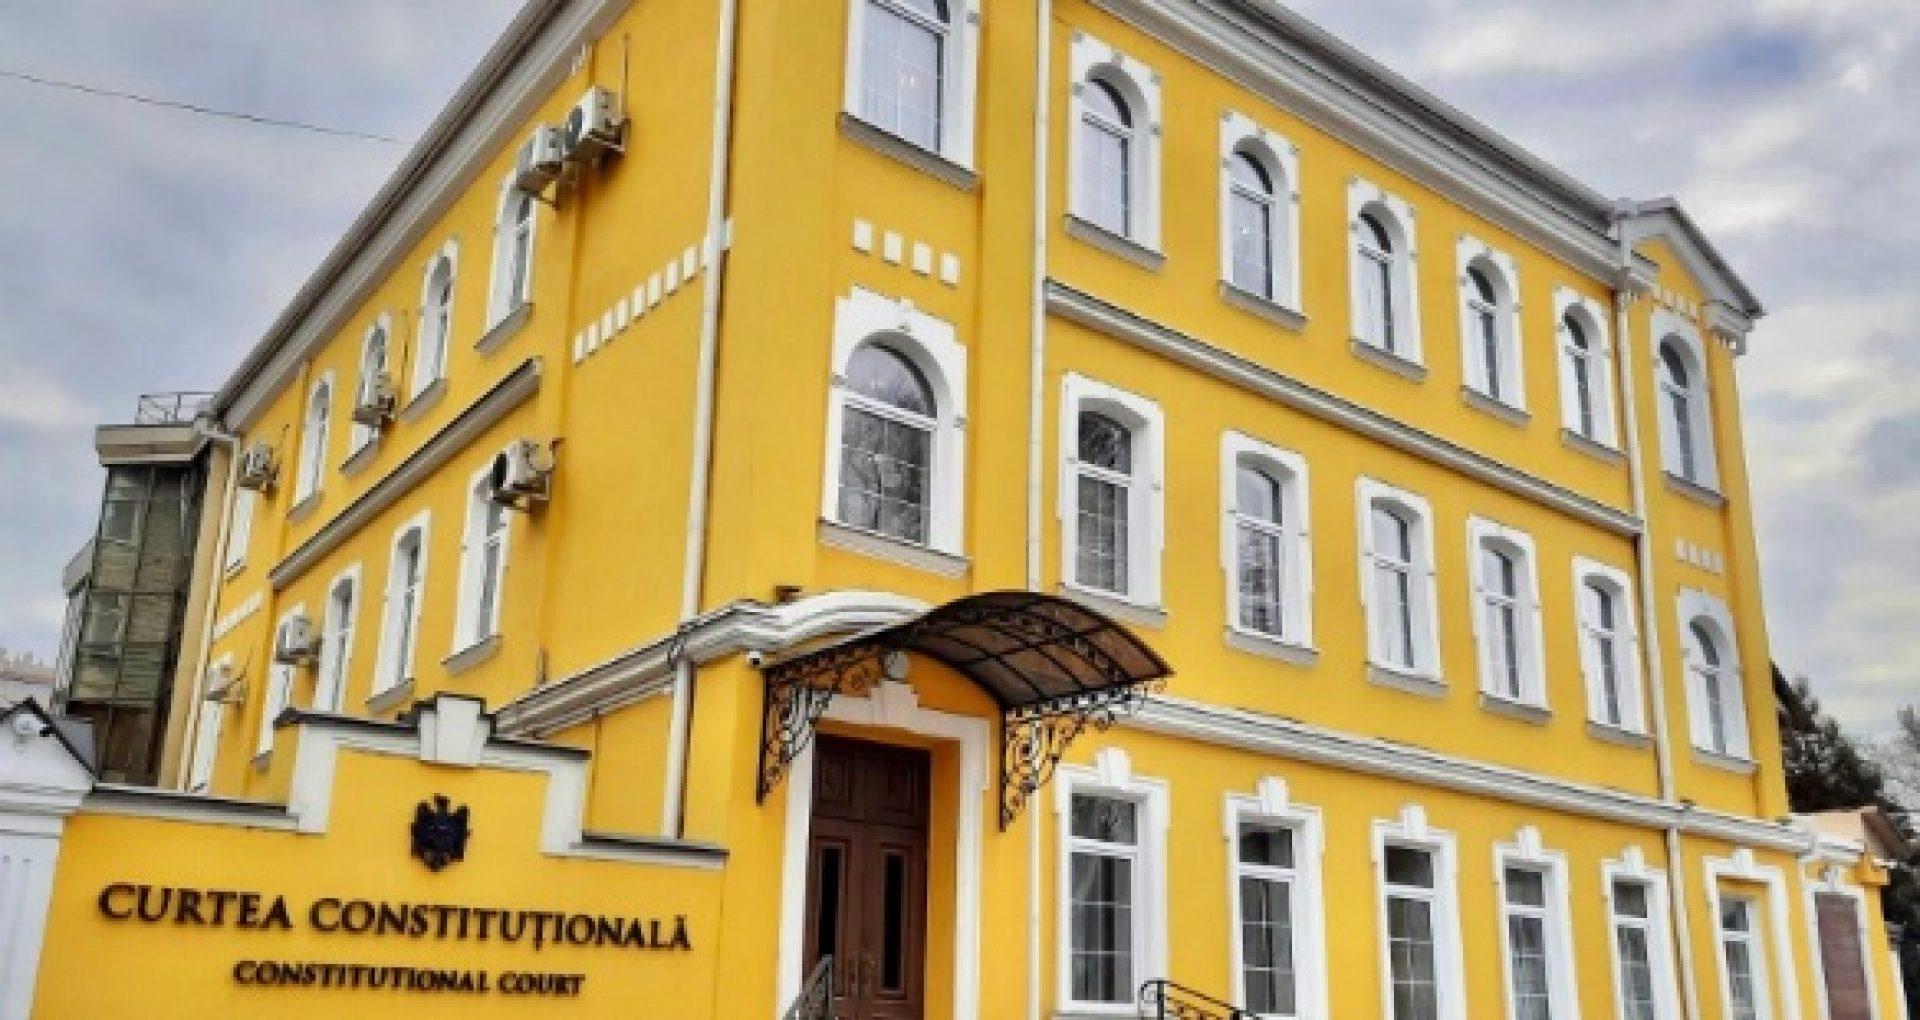 DOC/ CC a declarat inadmisiblă sesizarea depusă de către un deputat PAS privind controlul constituționalității unor prevederi din Legea bugetului de stat pentru 2021